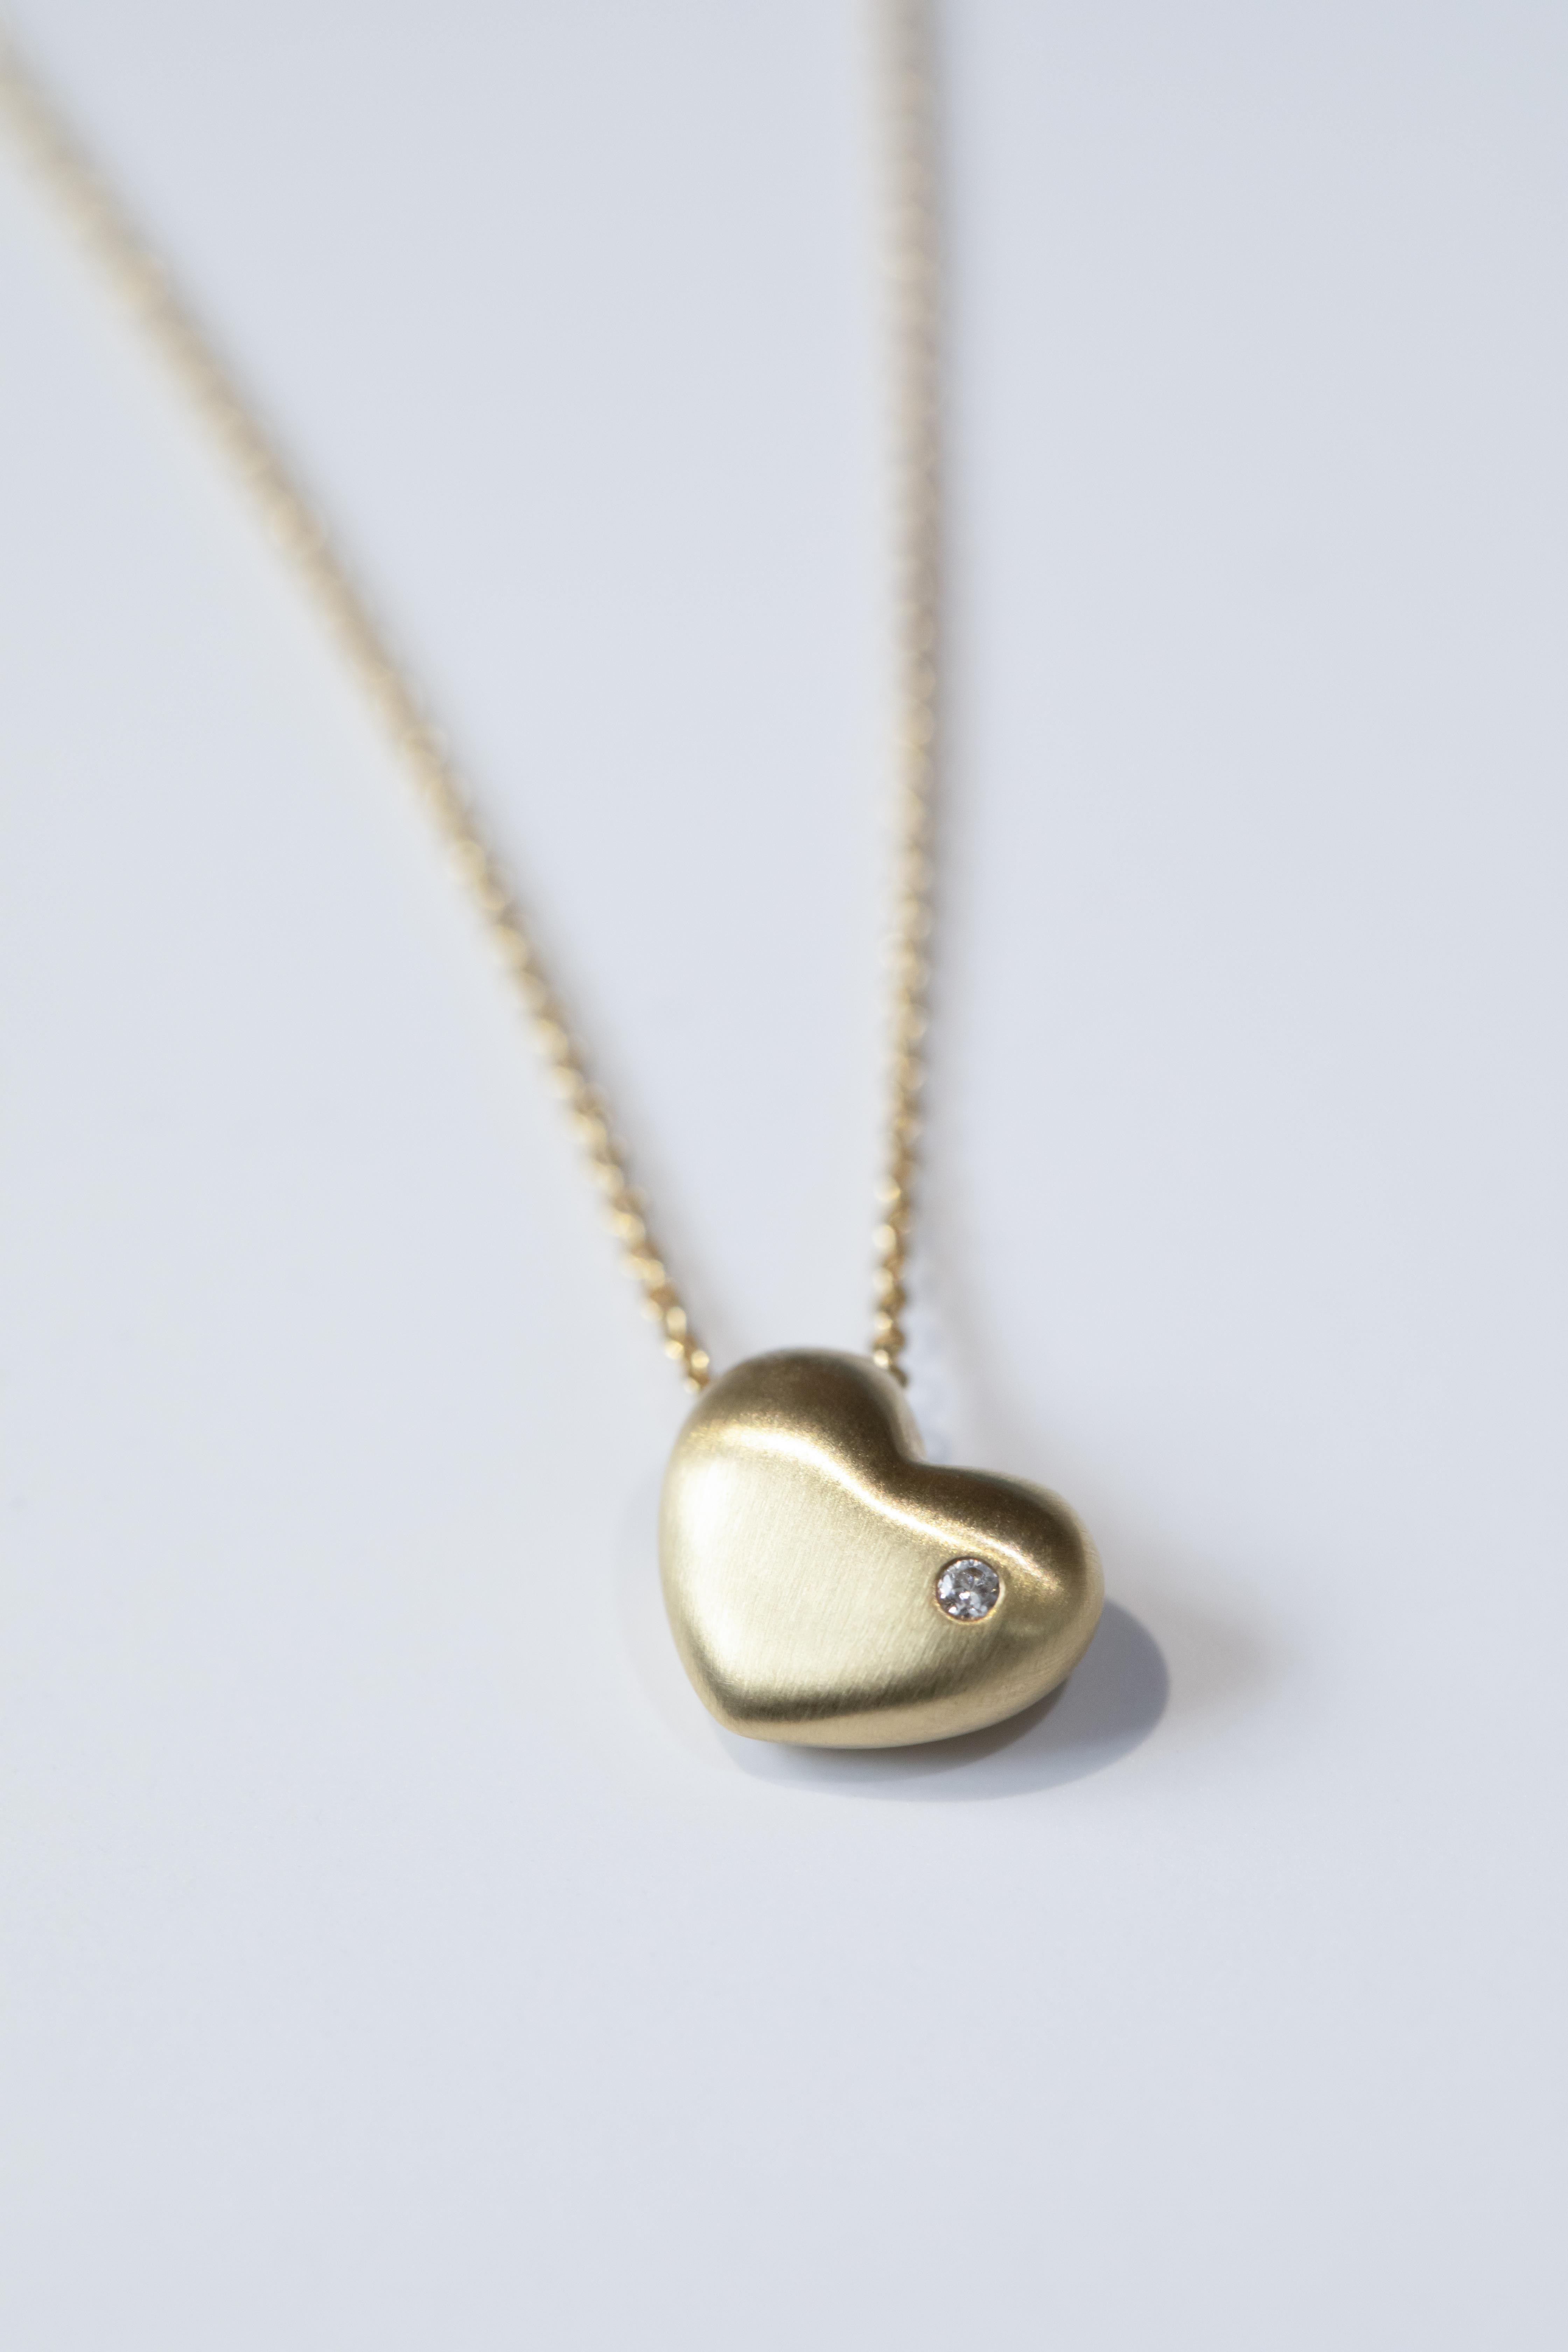 Herz, brillant, Gold-Bindung-sohn-tochter-hochwertig-nachhaltig-kinderschmuck